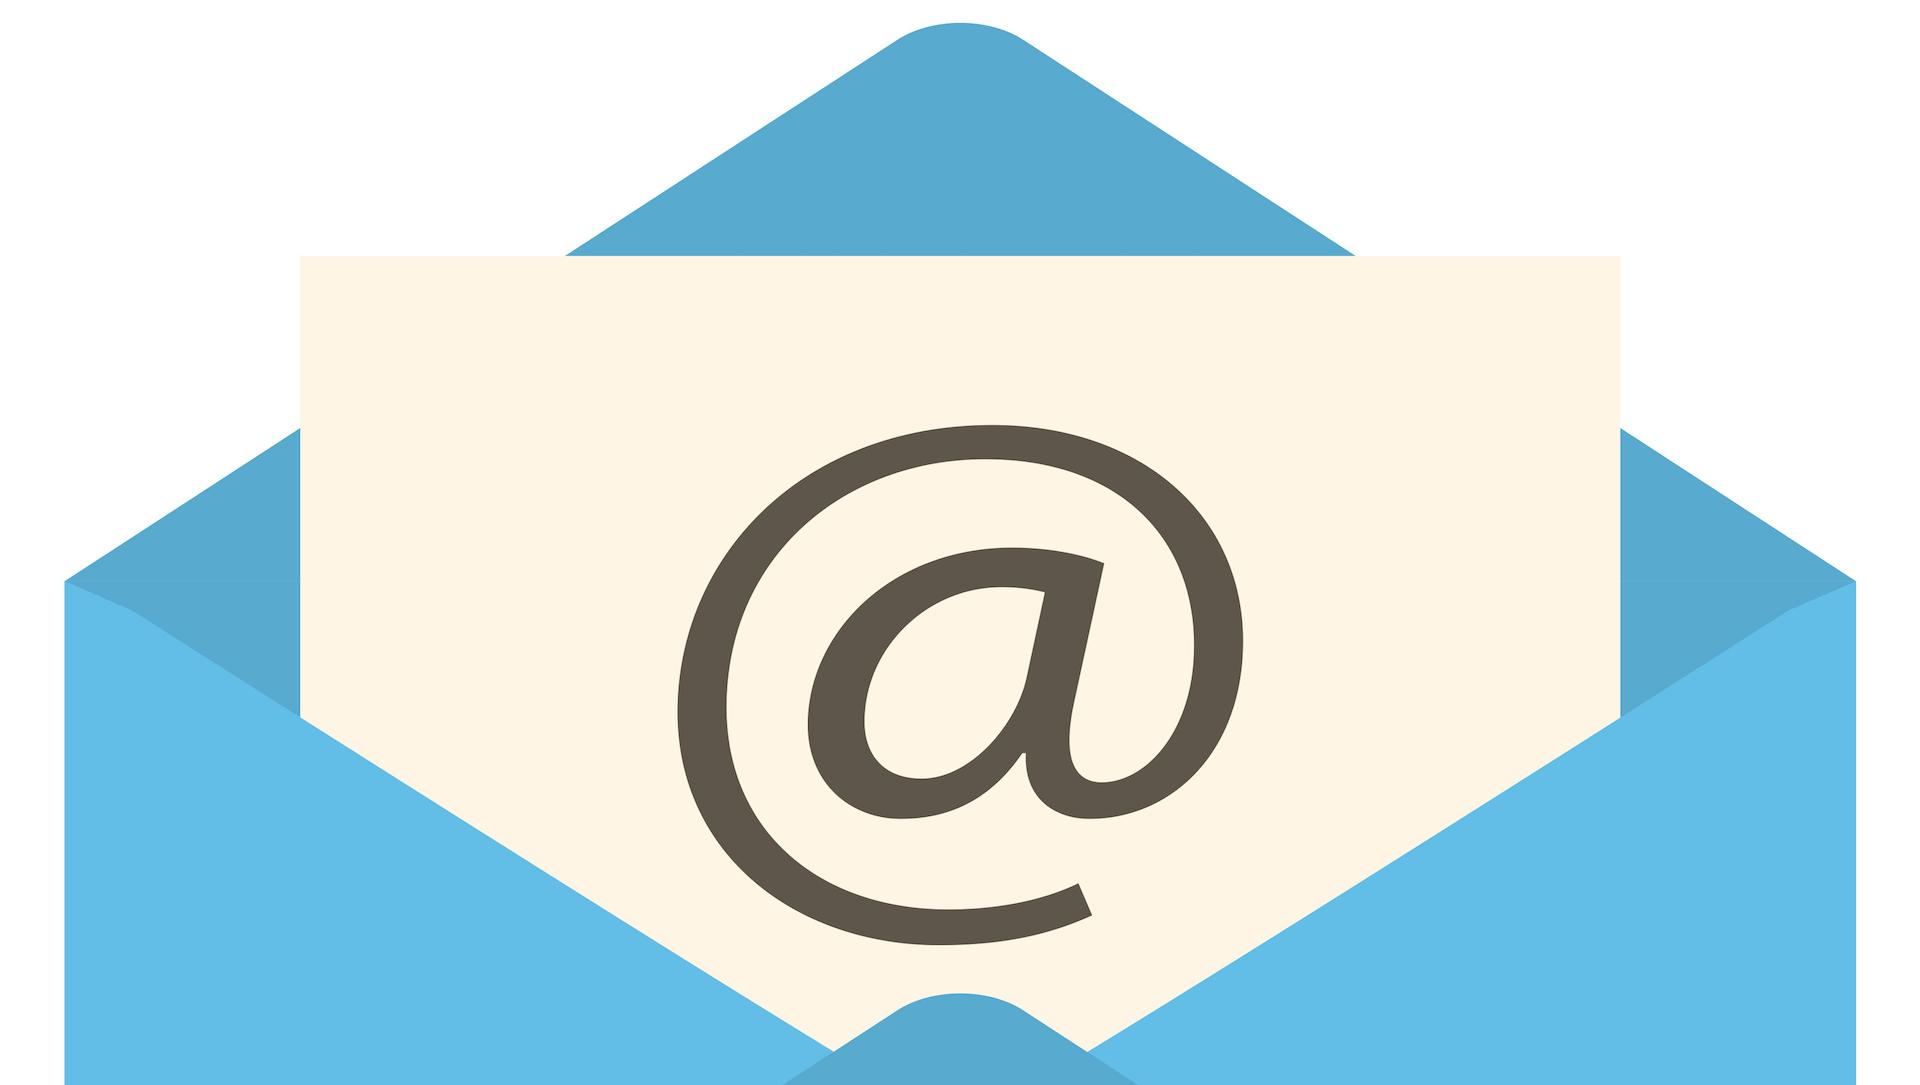 Nội dung đơn khởi kiện vụ án tranh chấp đất đai có cần ghi địa chỉ email không?